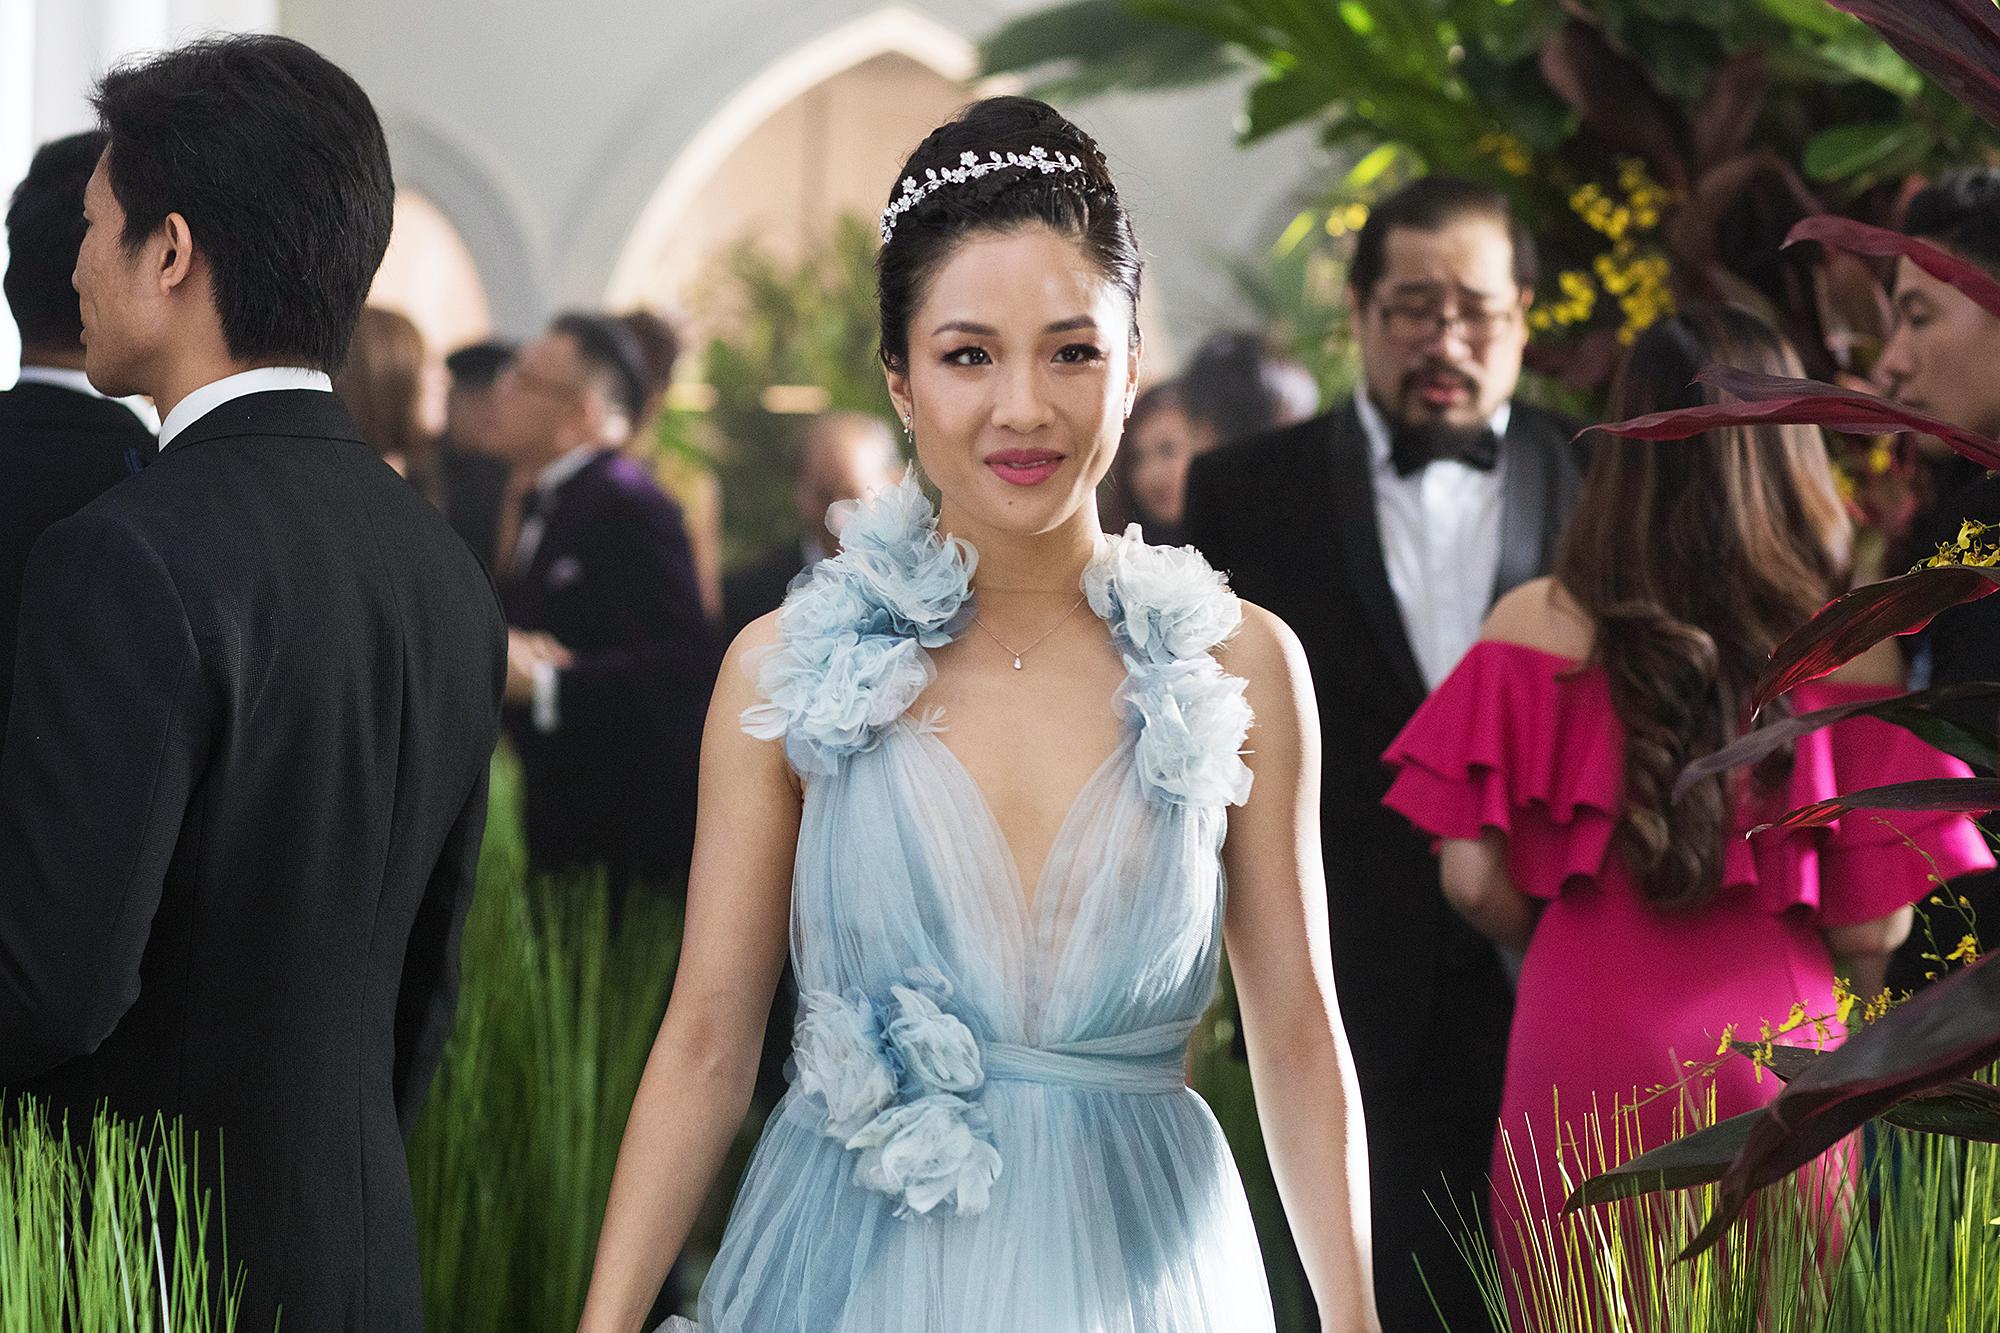 Constance Wu Crazy Rich Asians Golden Globe Nominations - Constance Wu in 'Crazy Rich Asians.